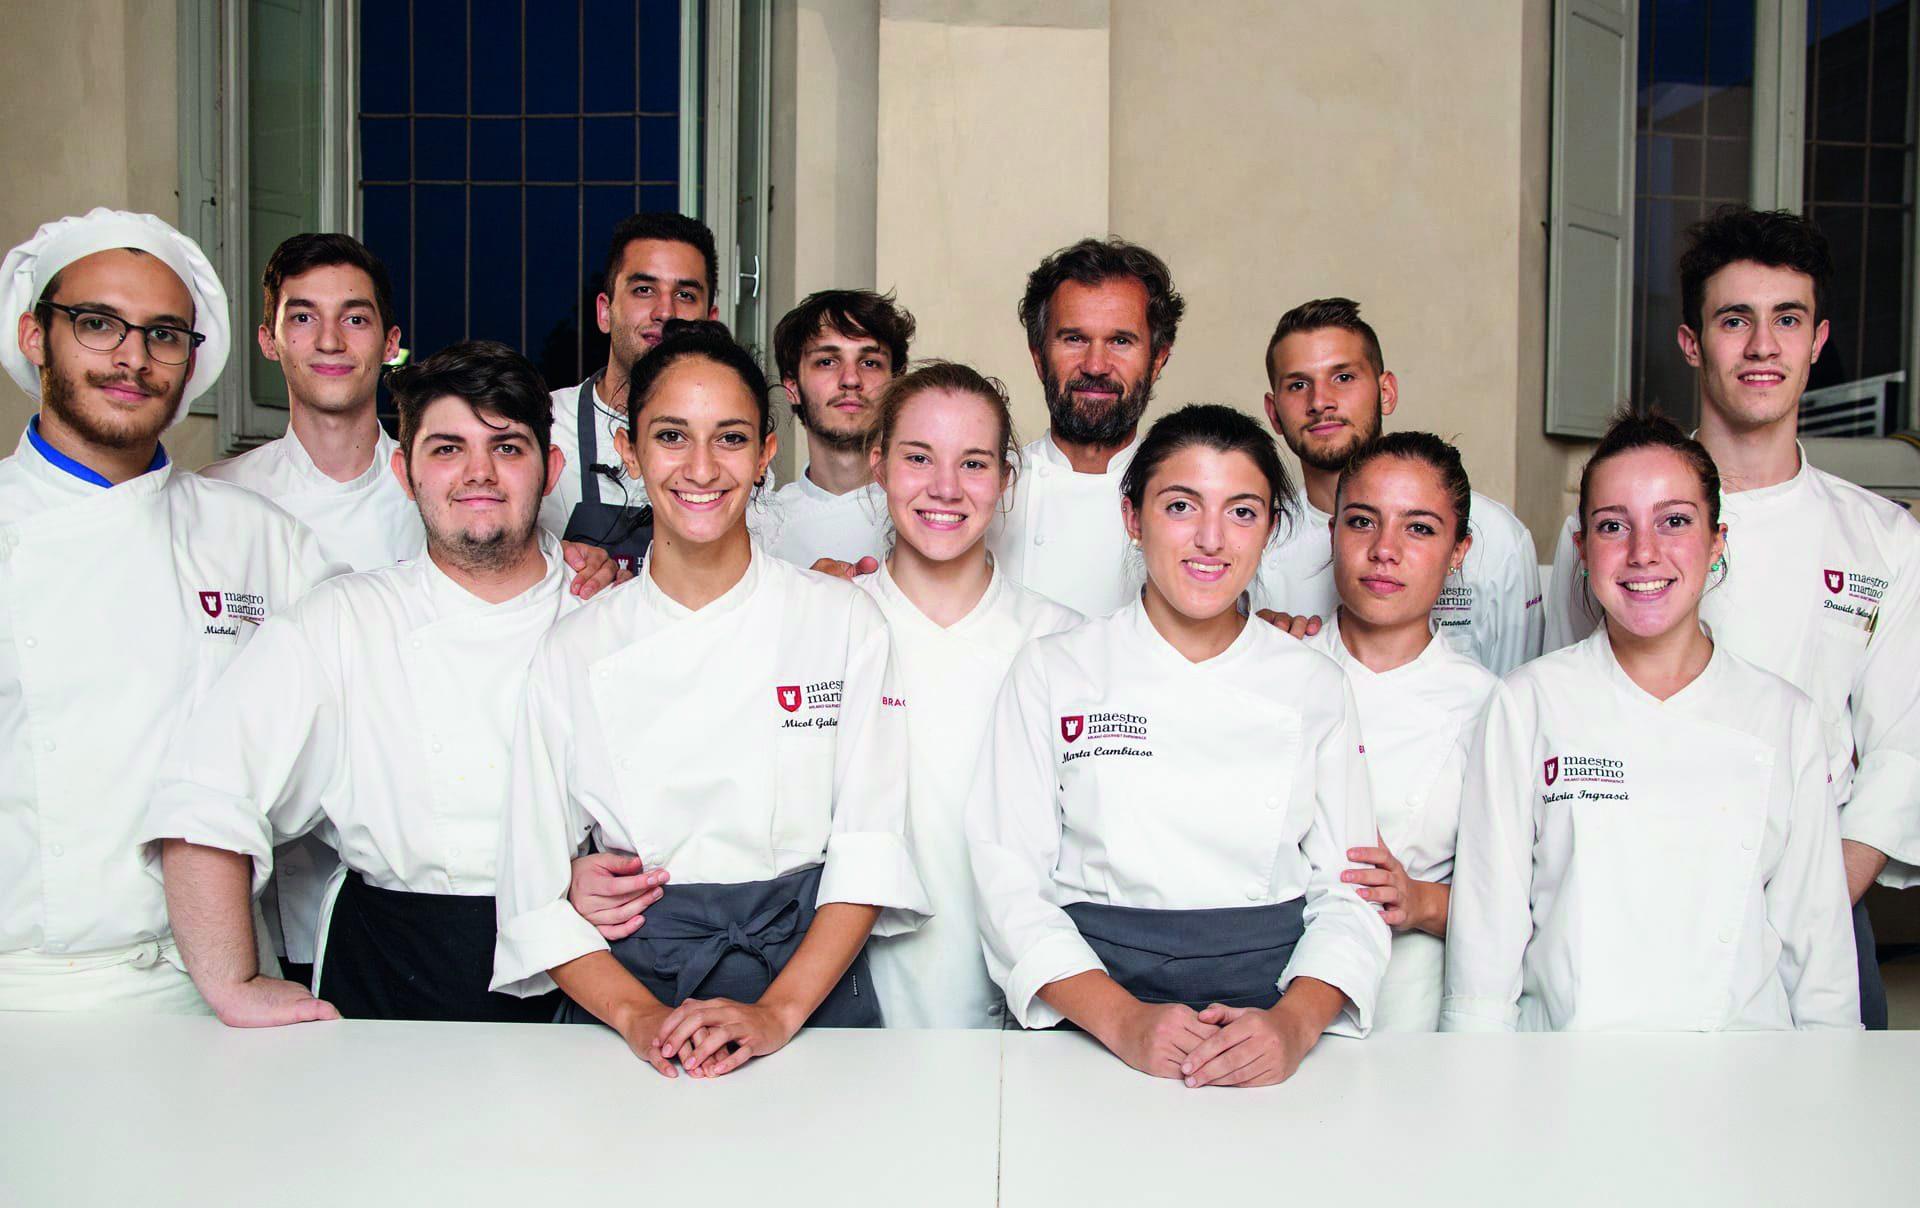 La scuola di Carlo Cracco apre il suo ristorante a San Valentino: ecco il menu e il prezzo